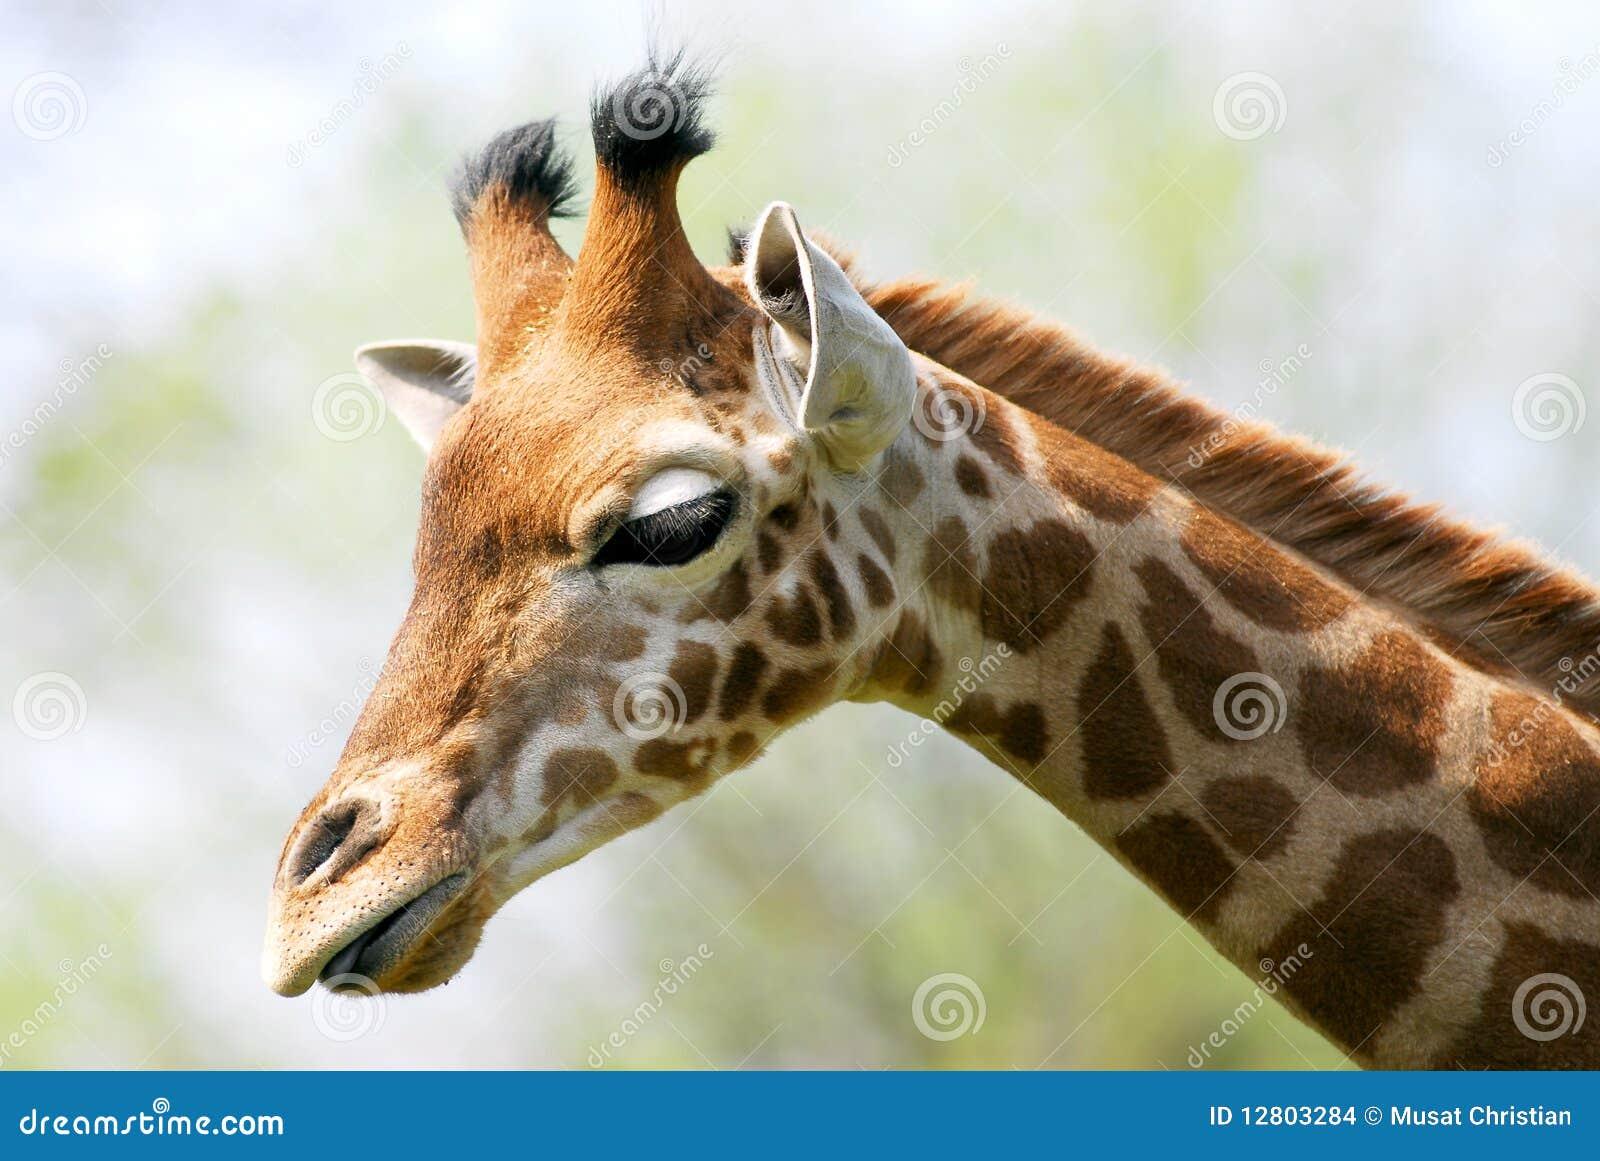 Retrato do giraffe